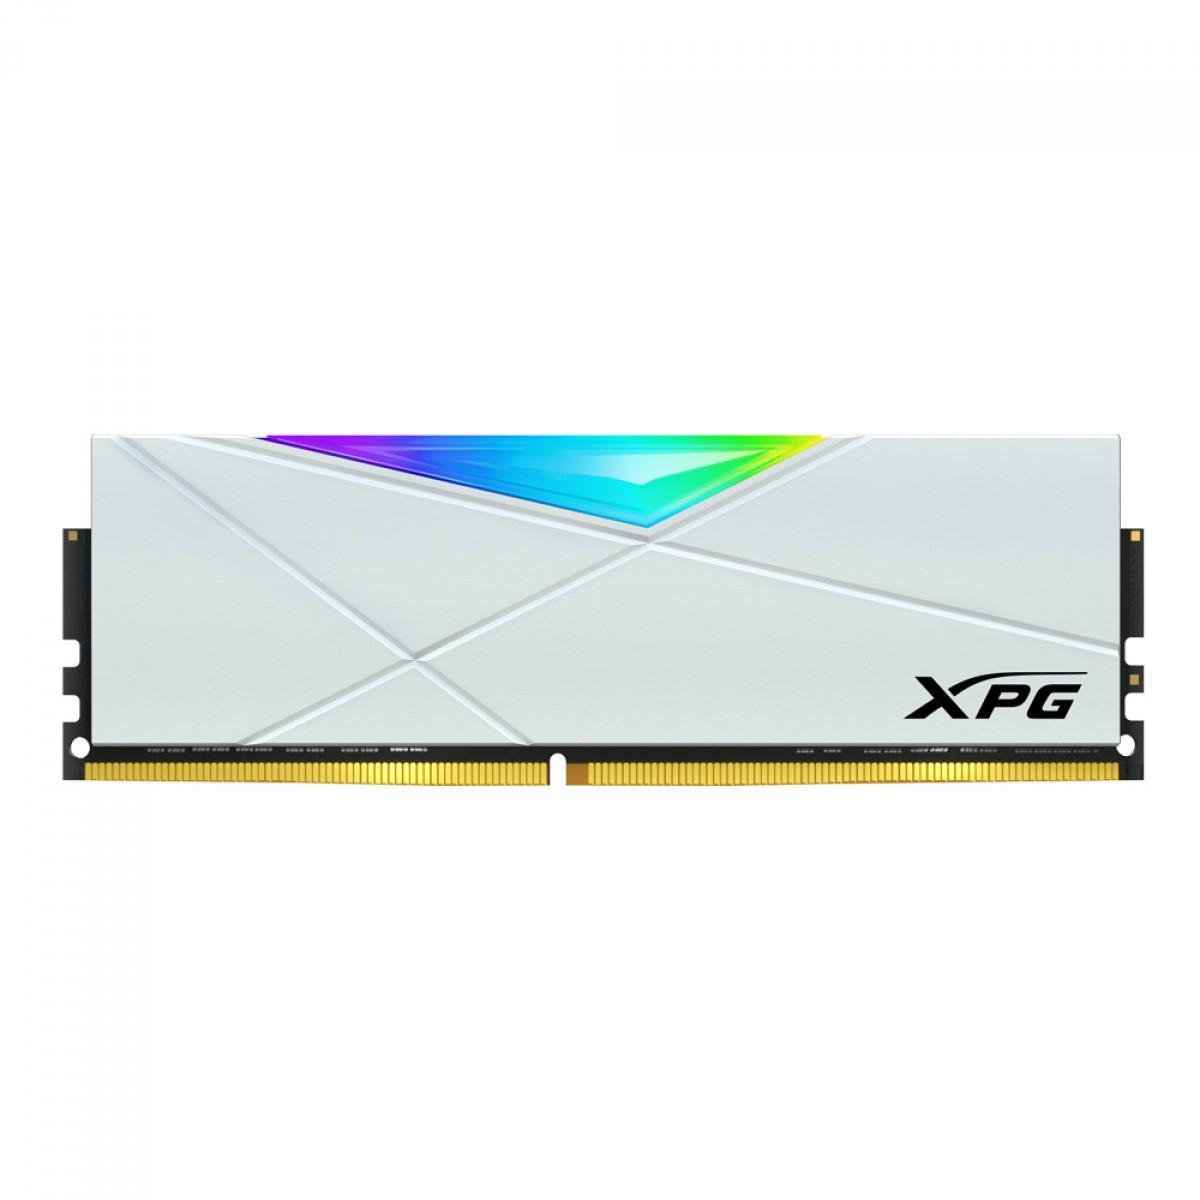 Memória DDR4 XPG Spectrix D50, 8GB (1x8GB), 3200Mhz, RGB, White, AX4U32008G16A-SW50